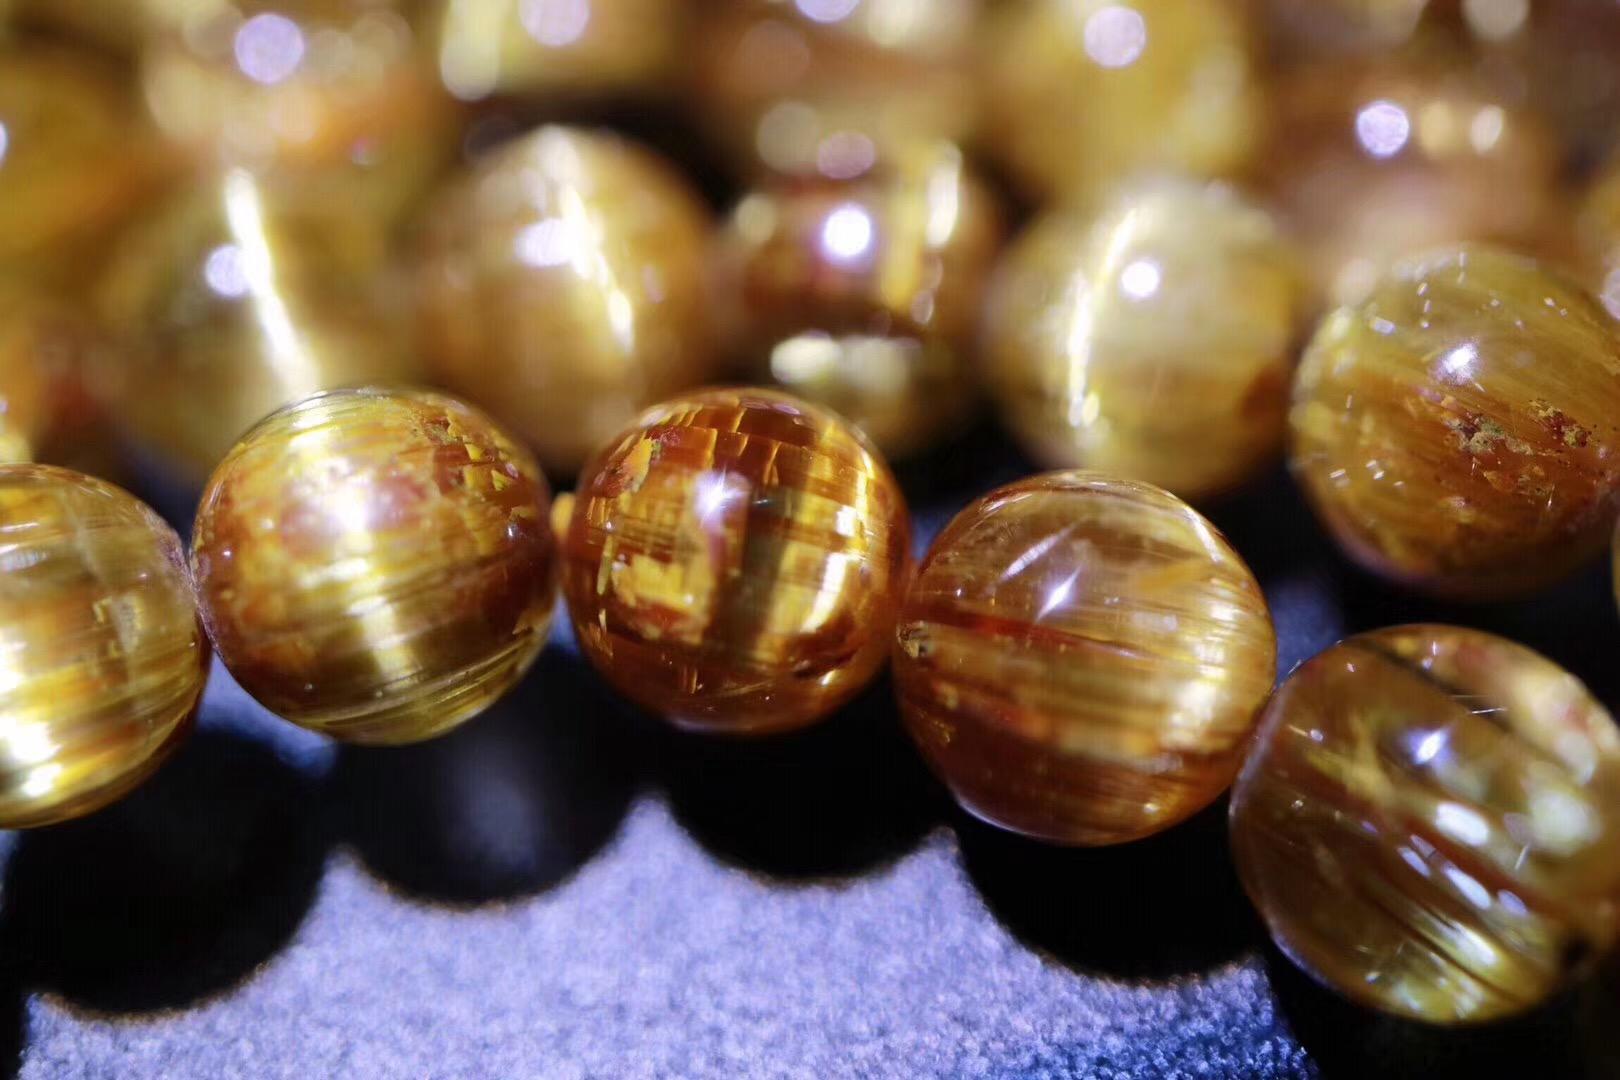 【菩心 | 精品钛晶】钛晶,是为数不多的反射金色光芒的晶石-菩心晶舍